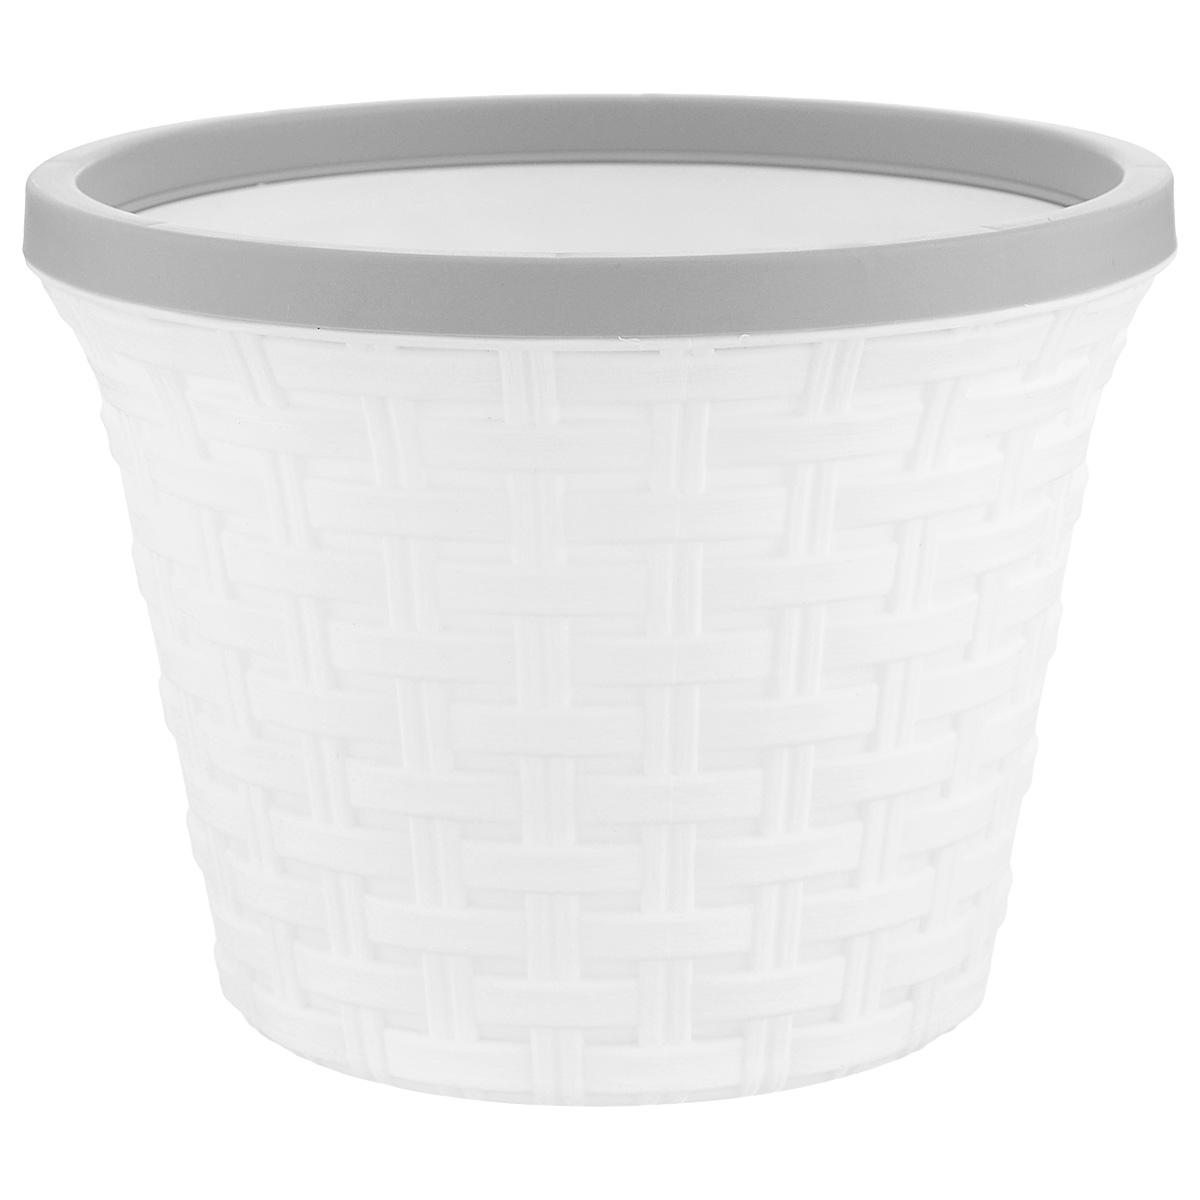 Кашпо Violet Ротанг, с дренажной системой, цвет: белый, 2,2 л32220/6Кашпо Violet Ротанг изготовлено из высококачественного пластика и оснащено дренажной системой для быстрого отведения избытка воды при поливе. Изделие прекрасно подходит для выращивания растений и цветов в домашних условиях. Лаконичный дизайн впишется в интерьер любого помещения. Объем: 2,2 л.